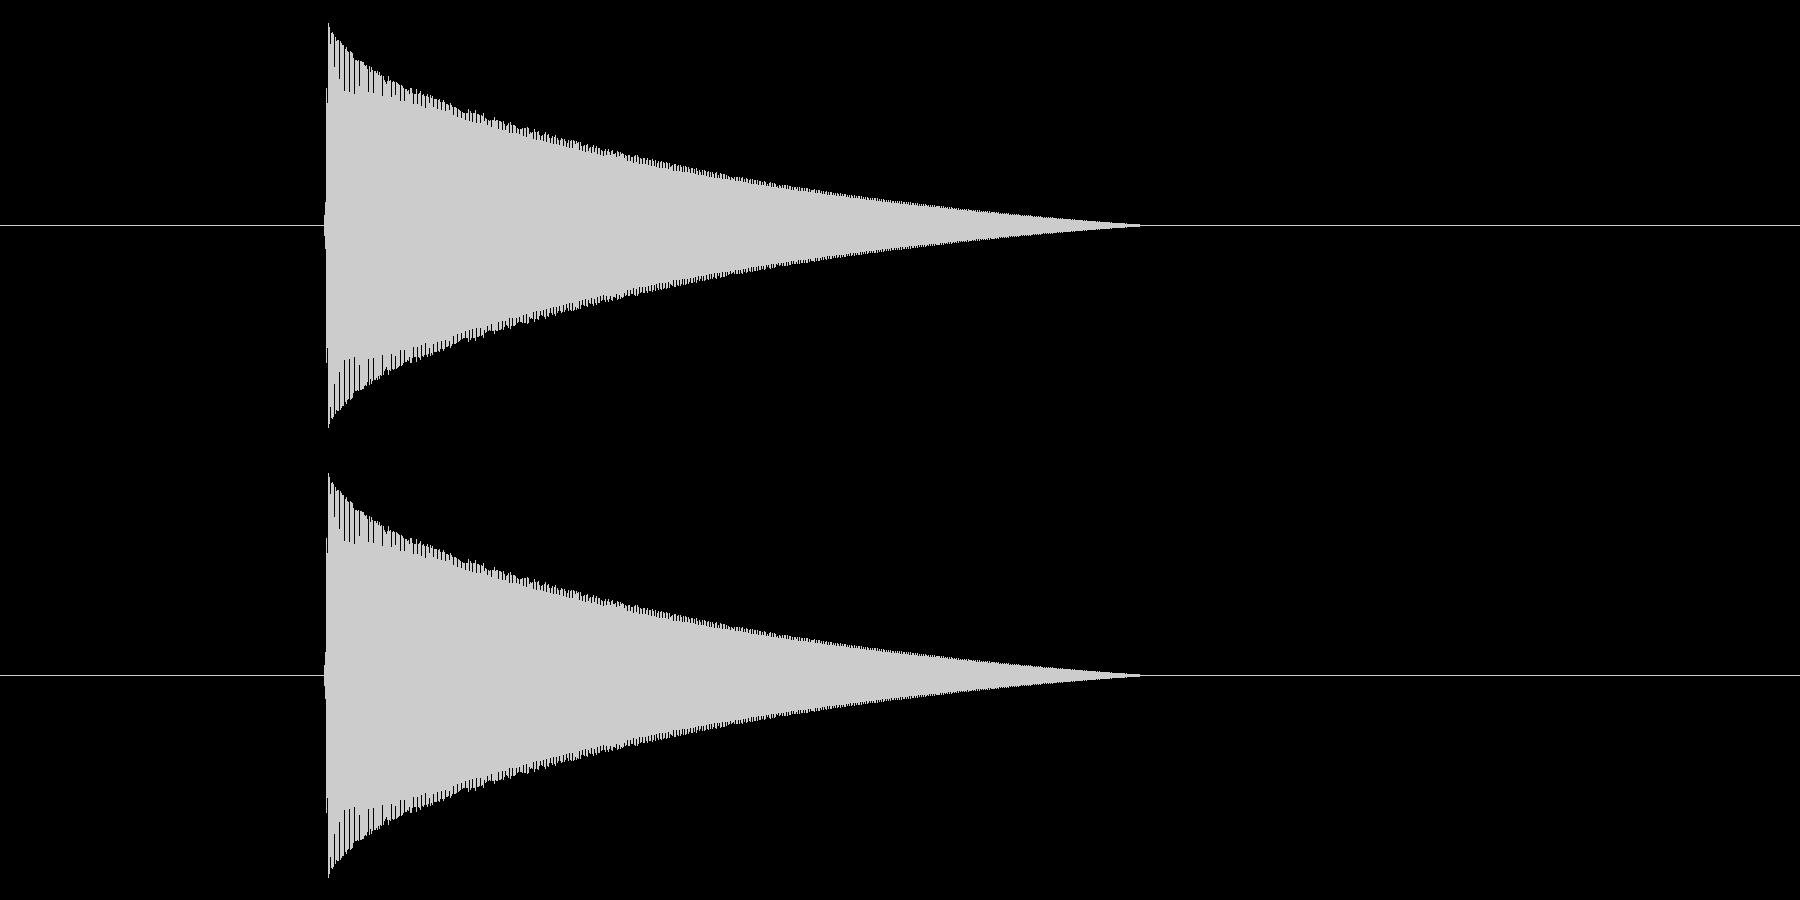 ファミコン風_ピューン_弾を打つ音1の未再生の波形